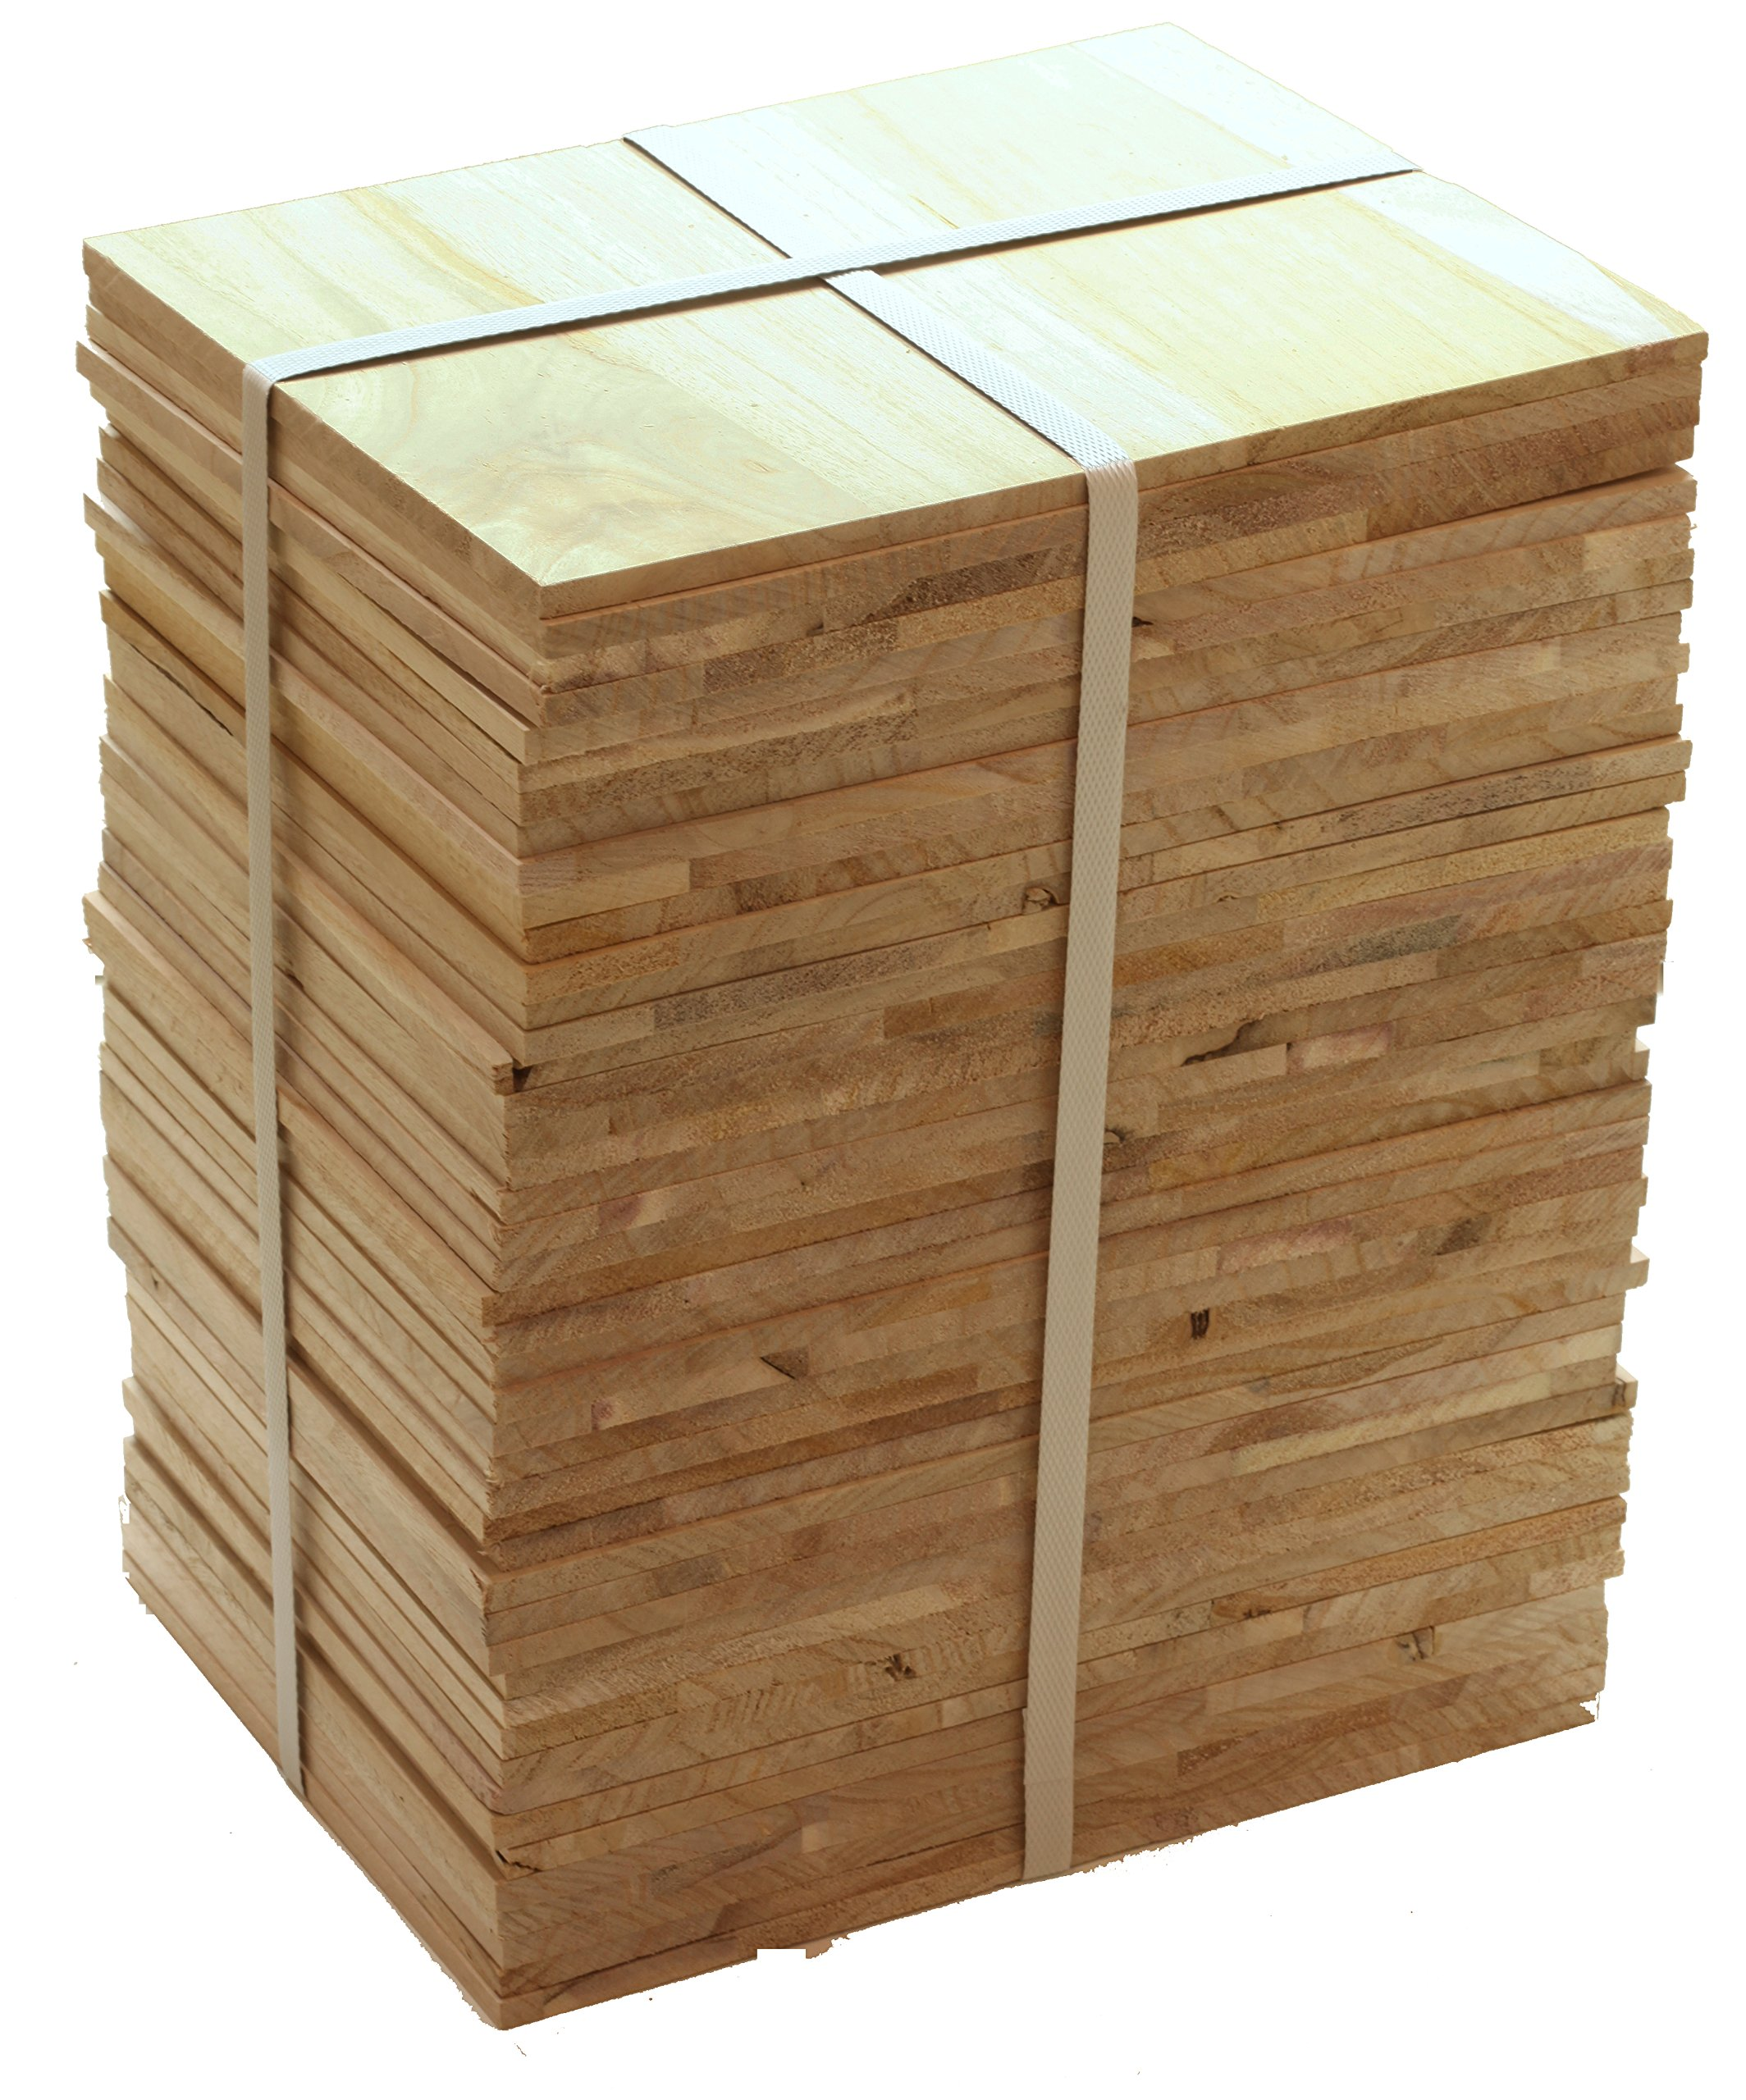 Tiger Claw Wood Breaking Board - Breakable Board in